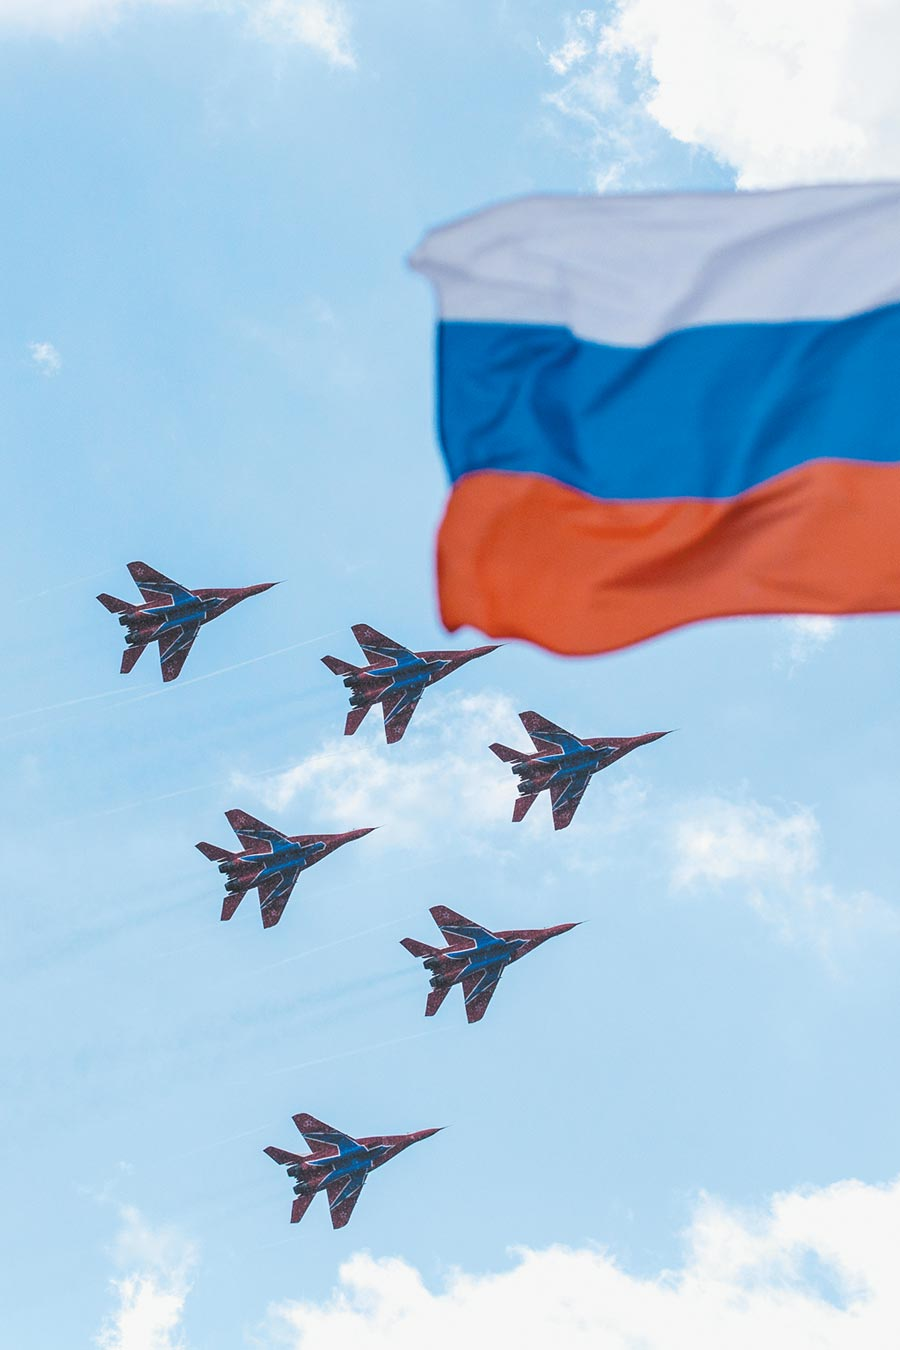 俄羅斯特技飛行表演隊駕駛米格-29戰機。(新華社資料照片)